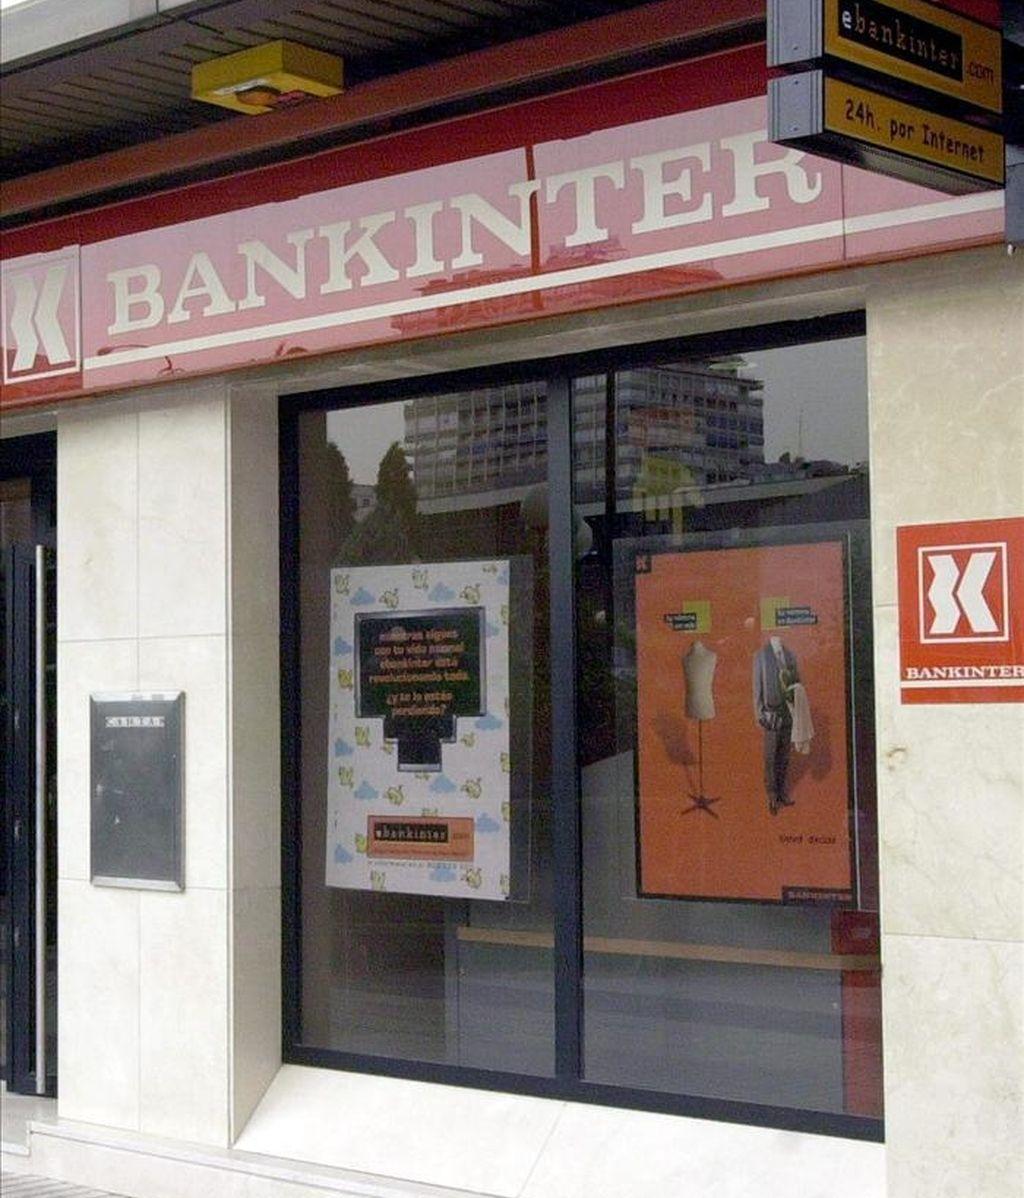 Un juzgado de Madrid ha ordenado la apertura de diligencias previas contra Bankinter por un presunto delito de descubrimiento y revelación de secretos, al haber desvelado supuestamente las operaciones financieras personales de un cliente para evitar un perjuicio económico derivado del caso Lehman Brothers. EFE/Archivo